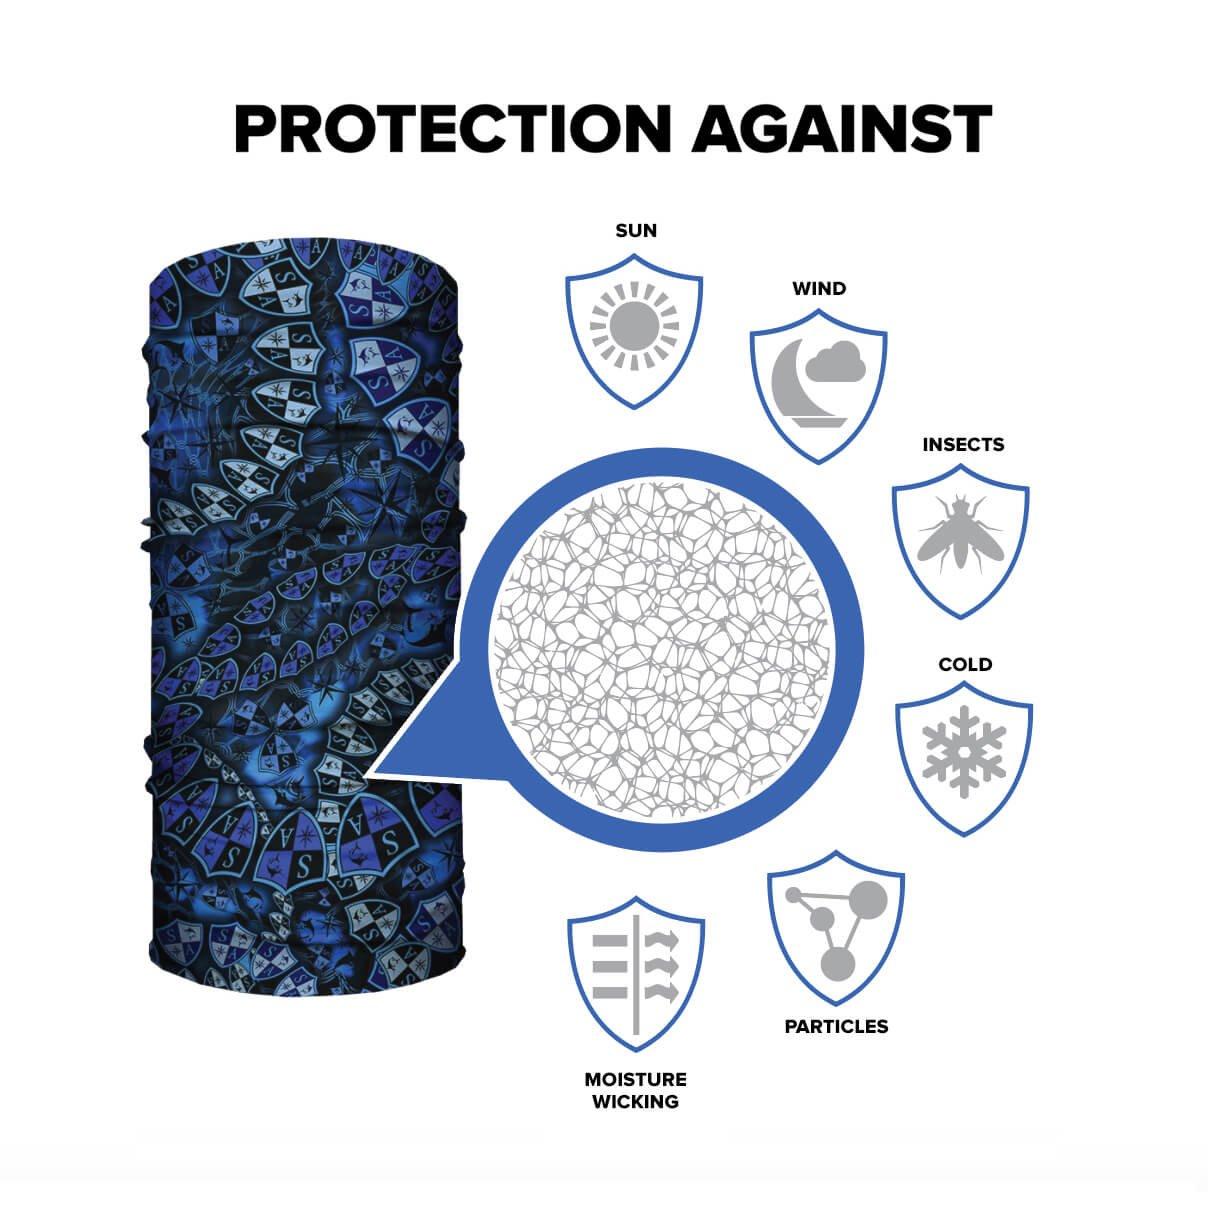 Sci Snowboard Paint Ball Tote Testa Panno Multifunzione Molte Diverse Varianti Passamontagna per Motocicletta A.S.98 SA Fishing Company Face Shield Carbon Fiber